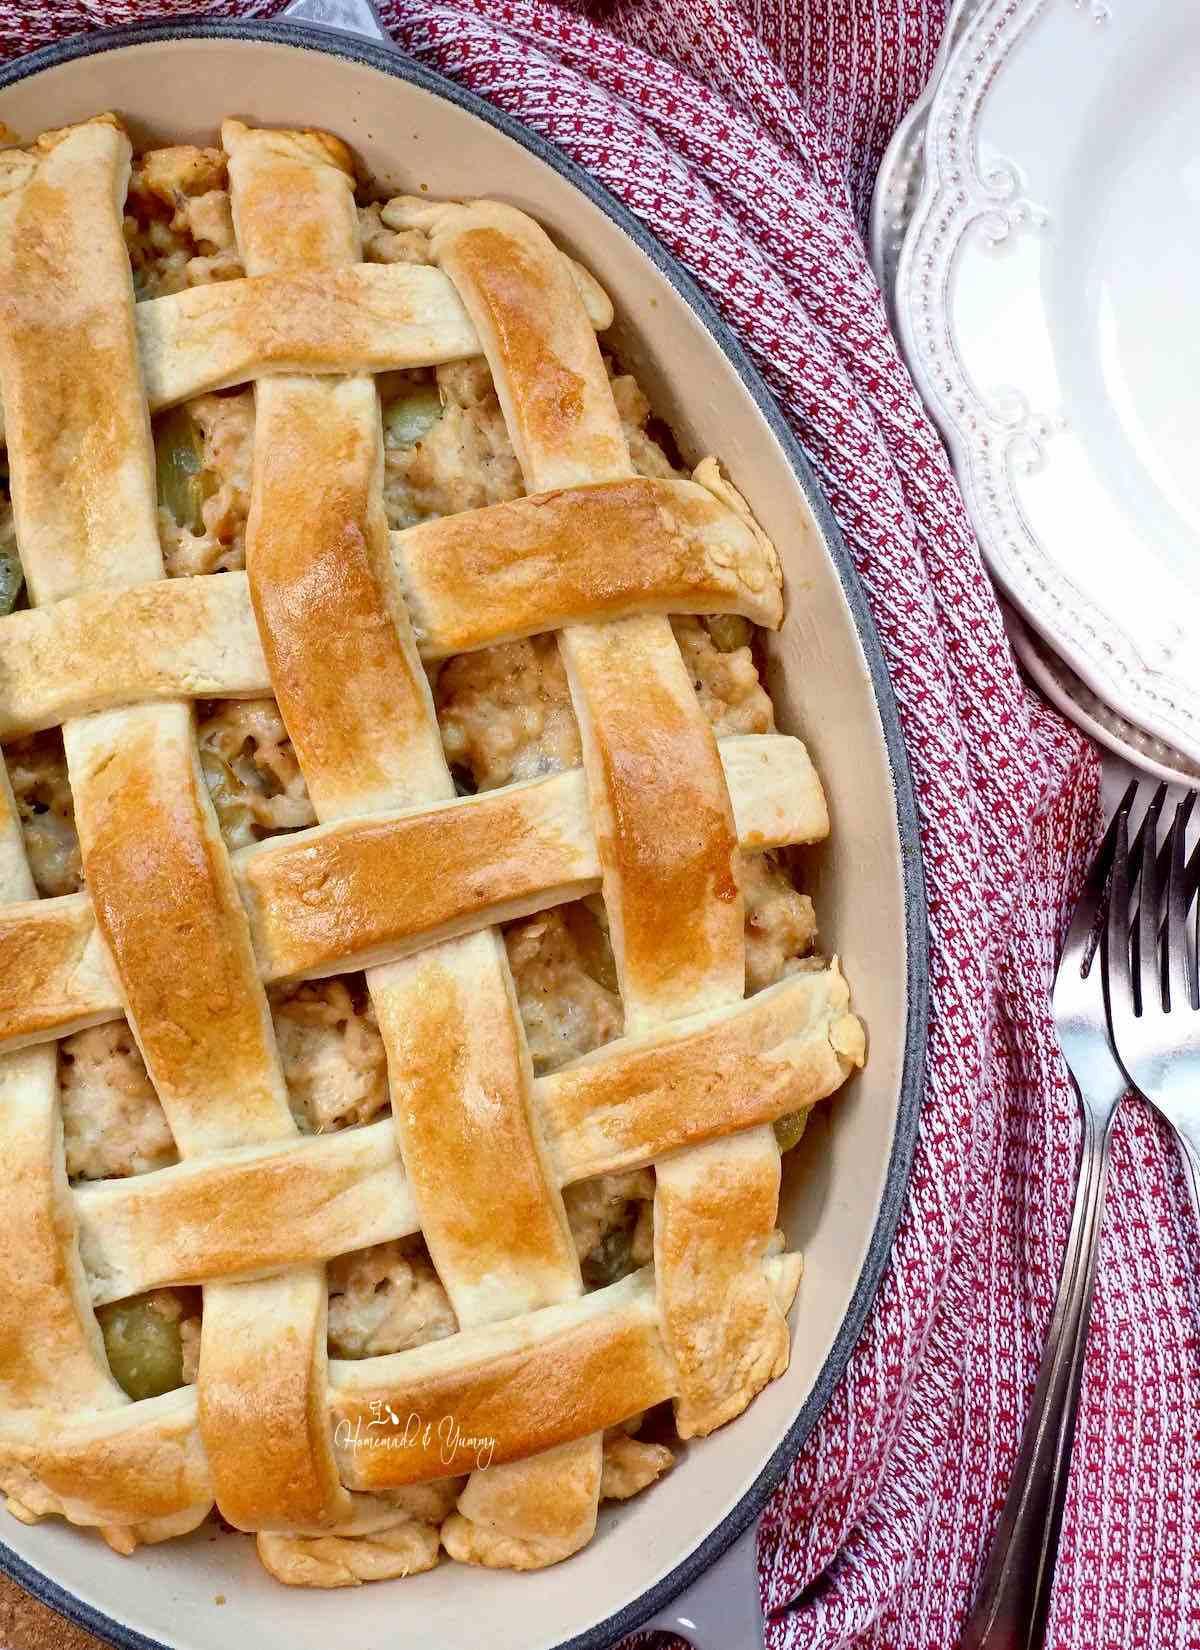 Turkey Meat Pie also know as Turkey Veronique.